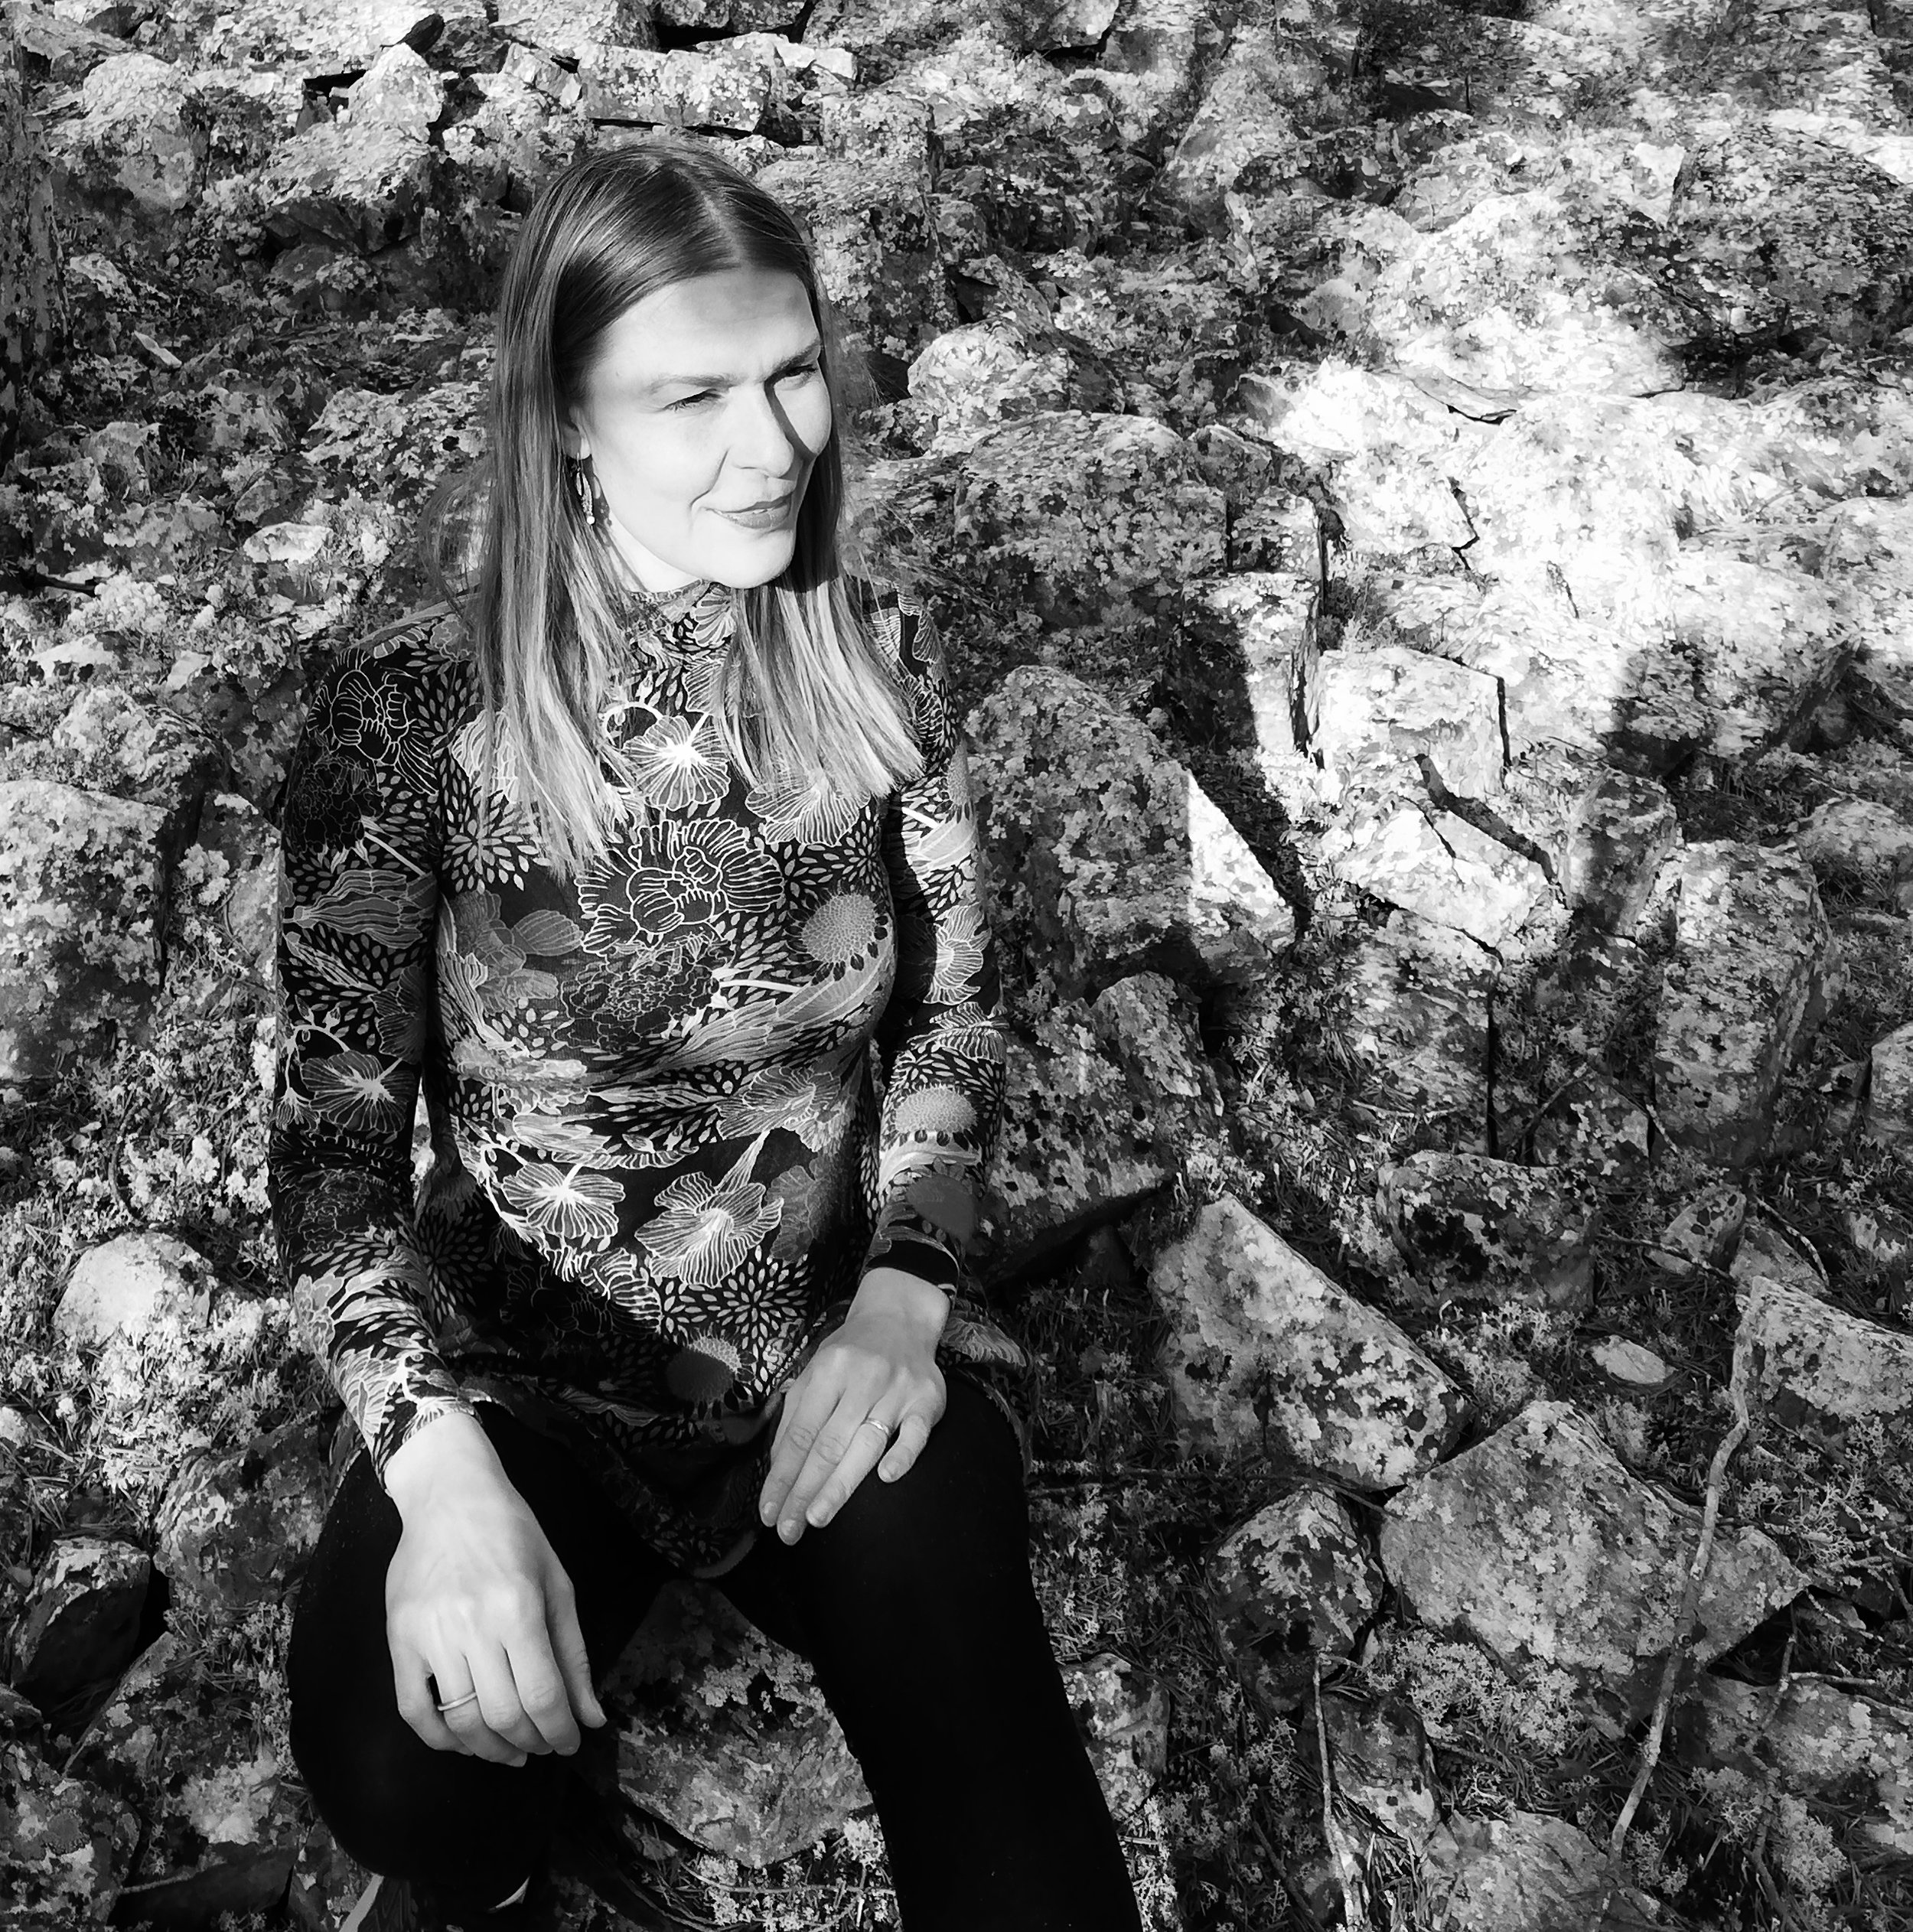 Tiina Lehikoinen (Finland)